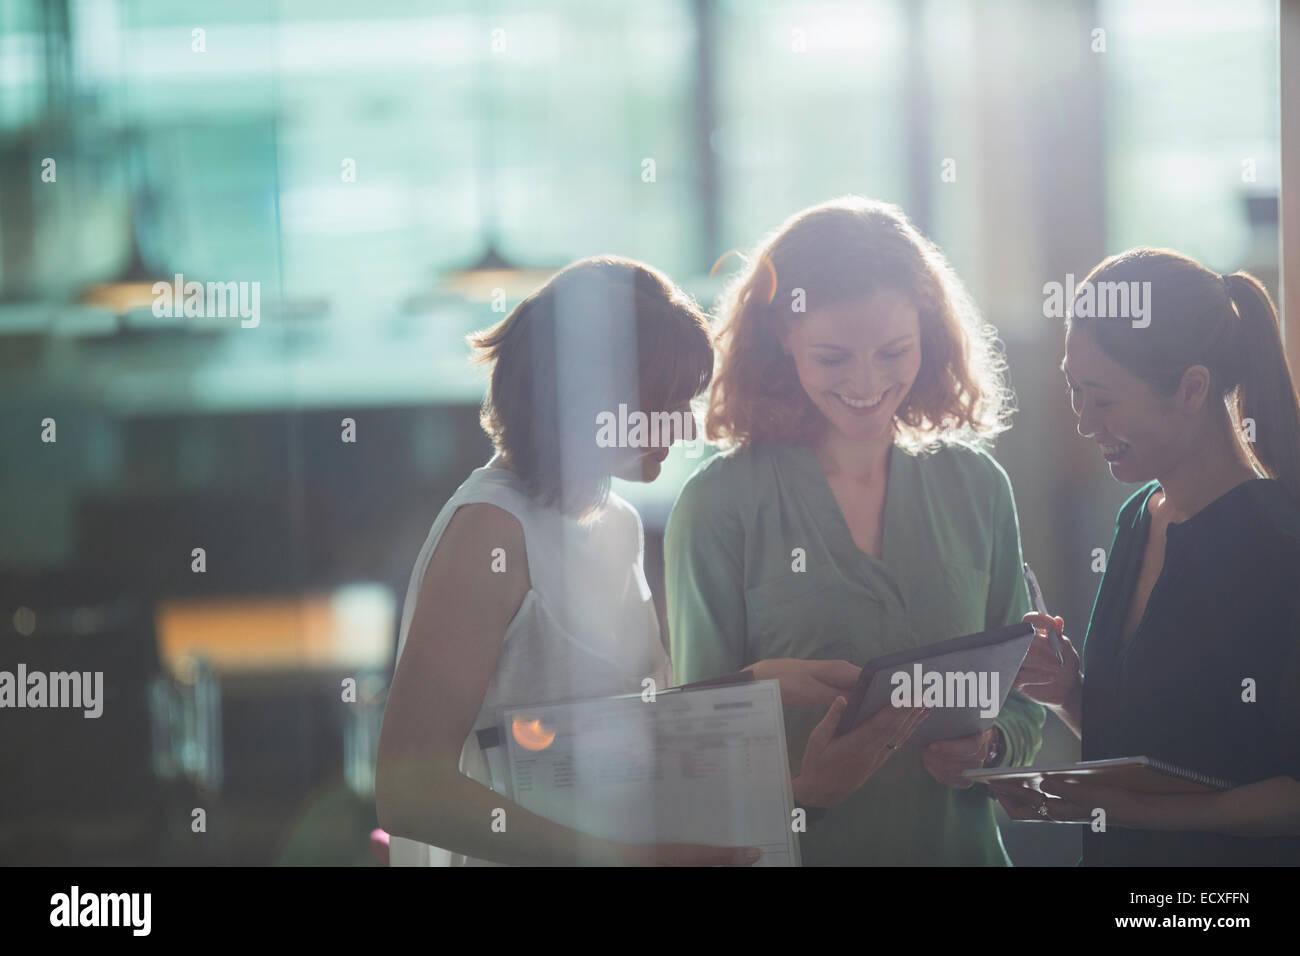 Businesswomen talking in office - Stock Image